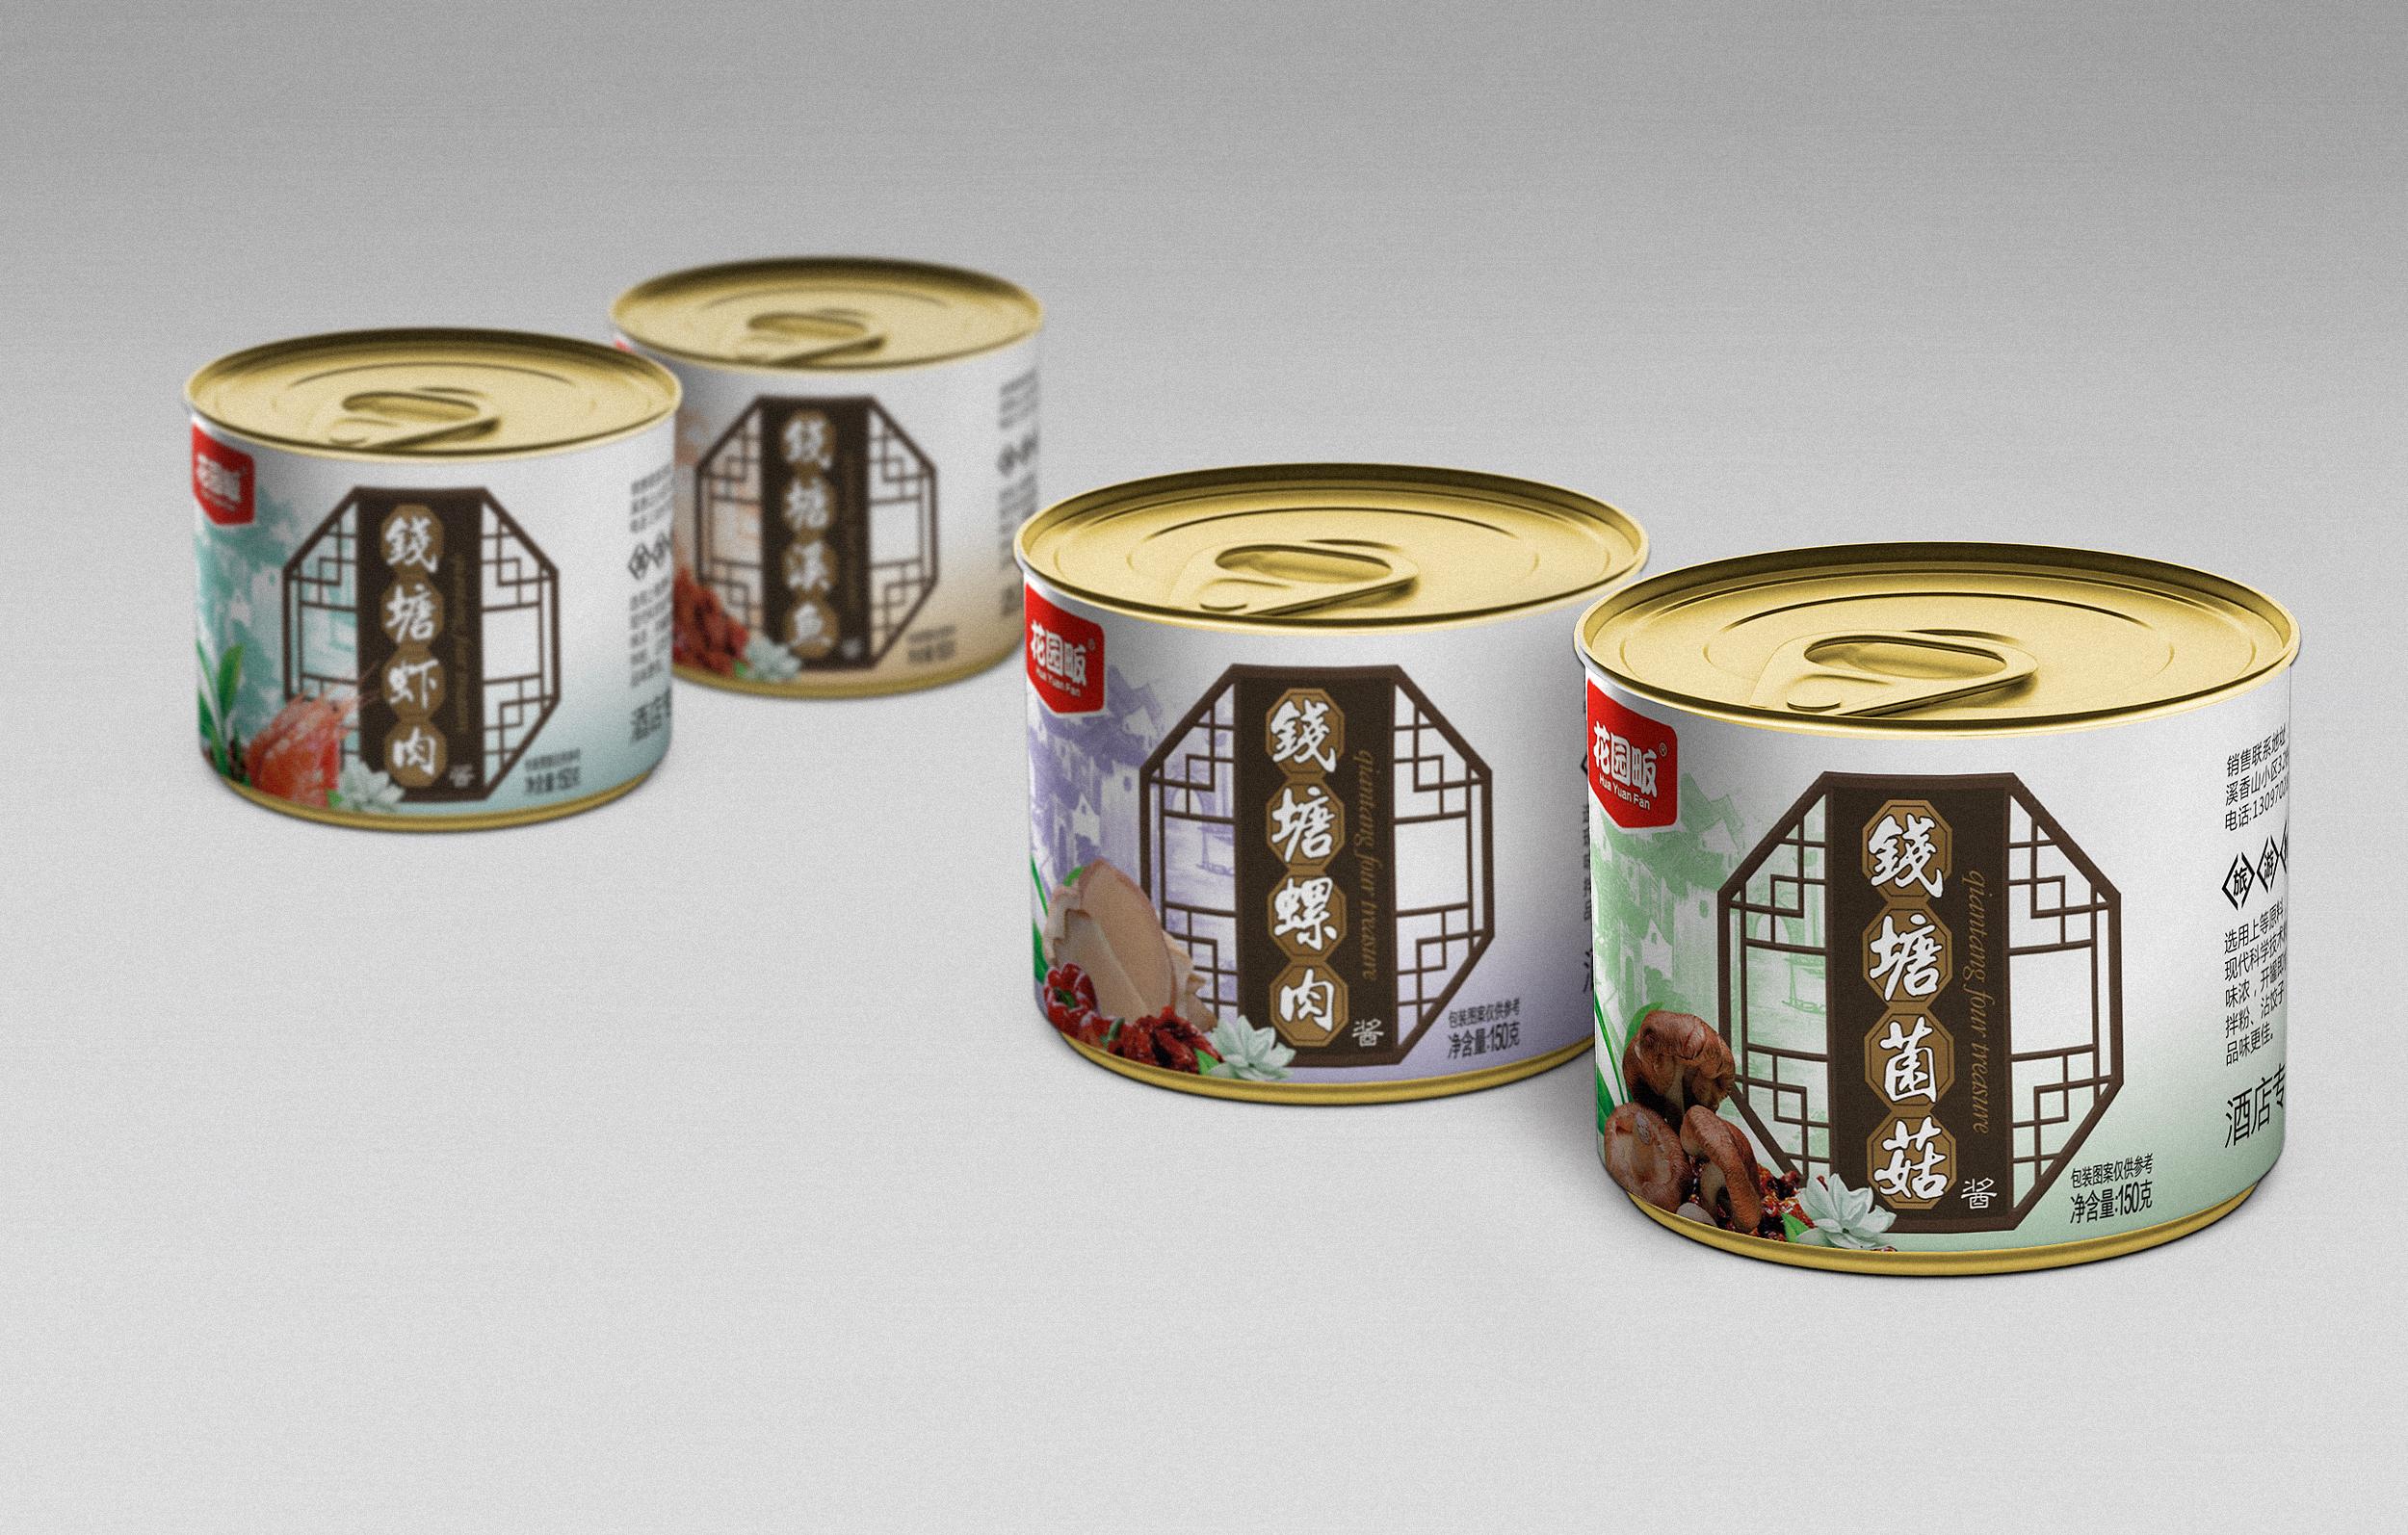 包装设计礼品包装盒包装袋瓶贴茶叶白红酒食品饮料产品礼盒包装